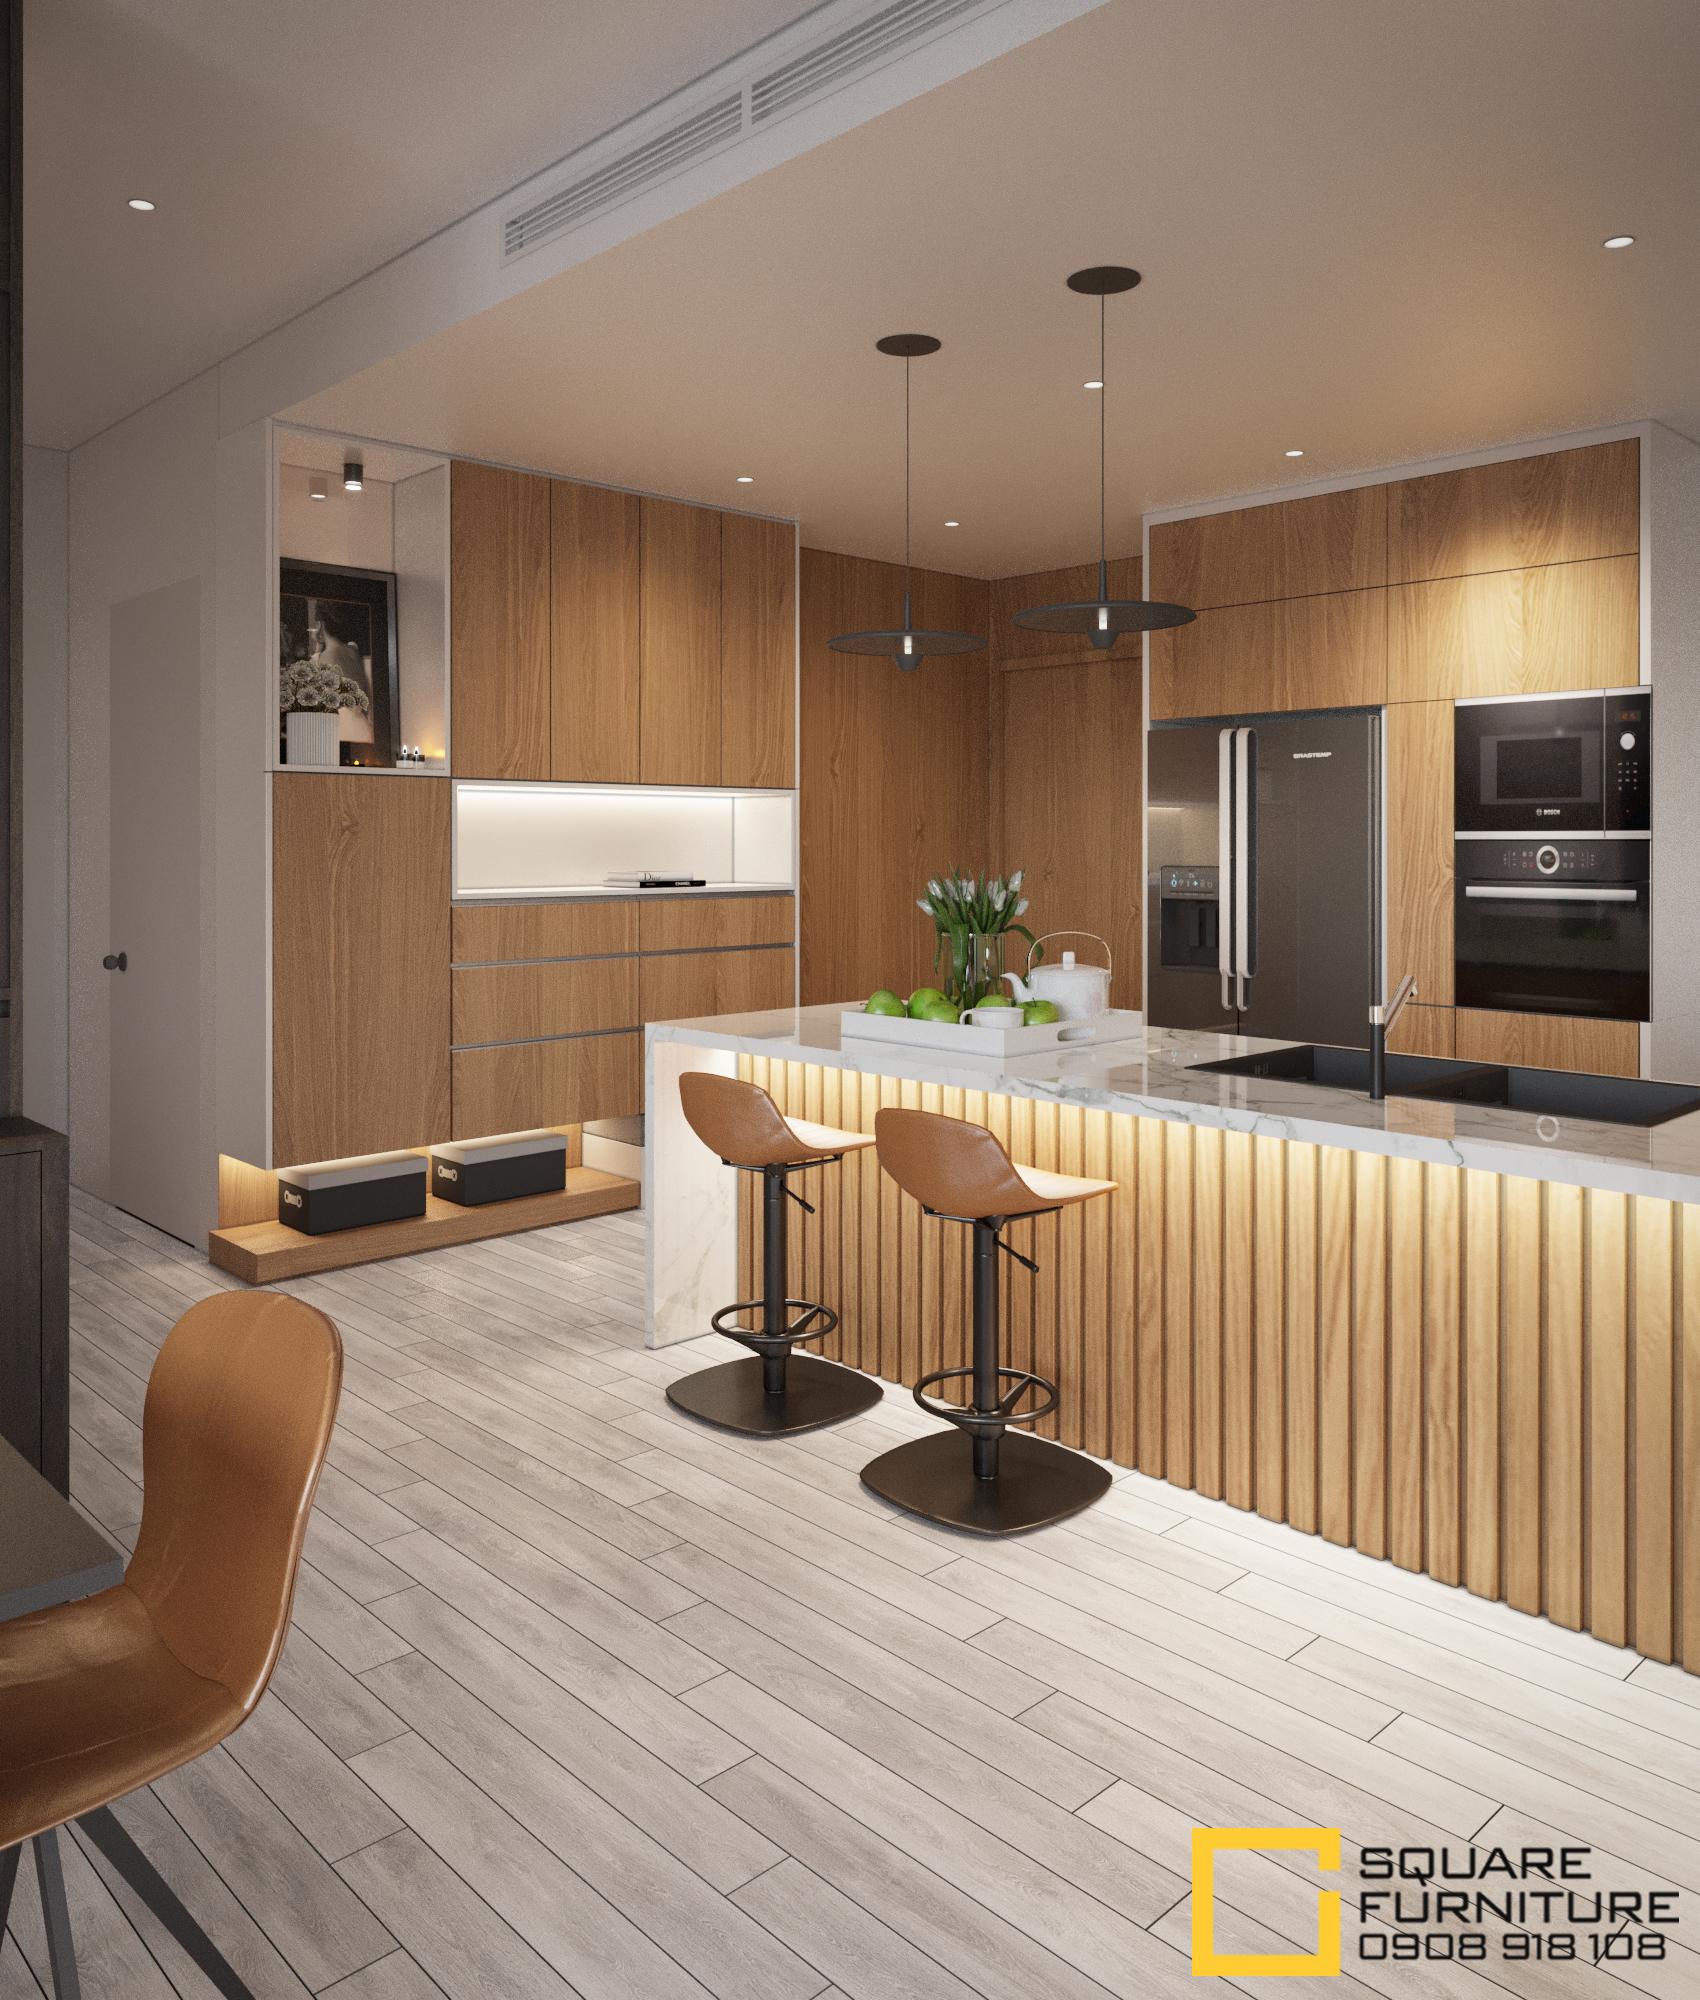 thiết kế nội thất chung cư tại Hồ Chí Minh Căn hộ Haiwaii Đảo Kim Cương 2 1559032075